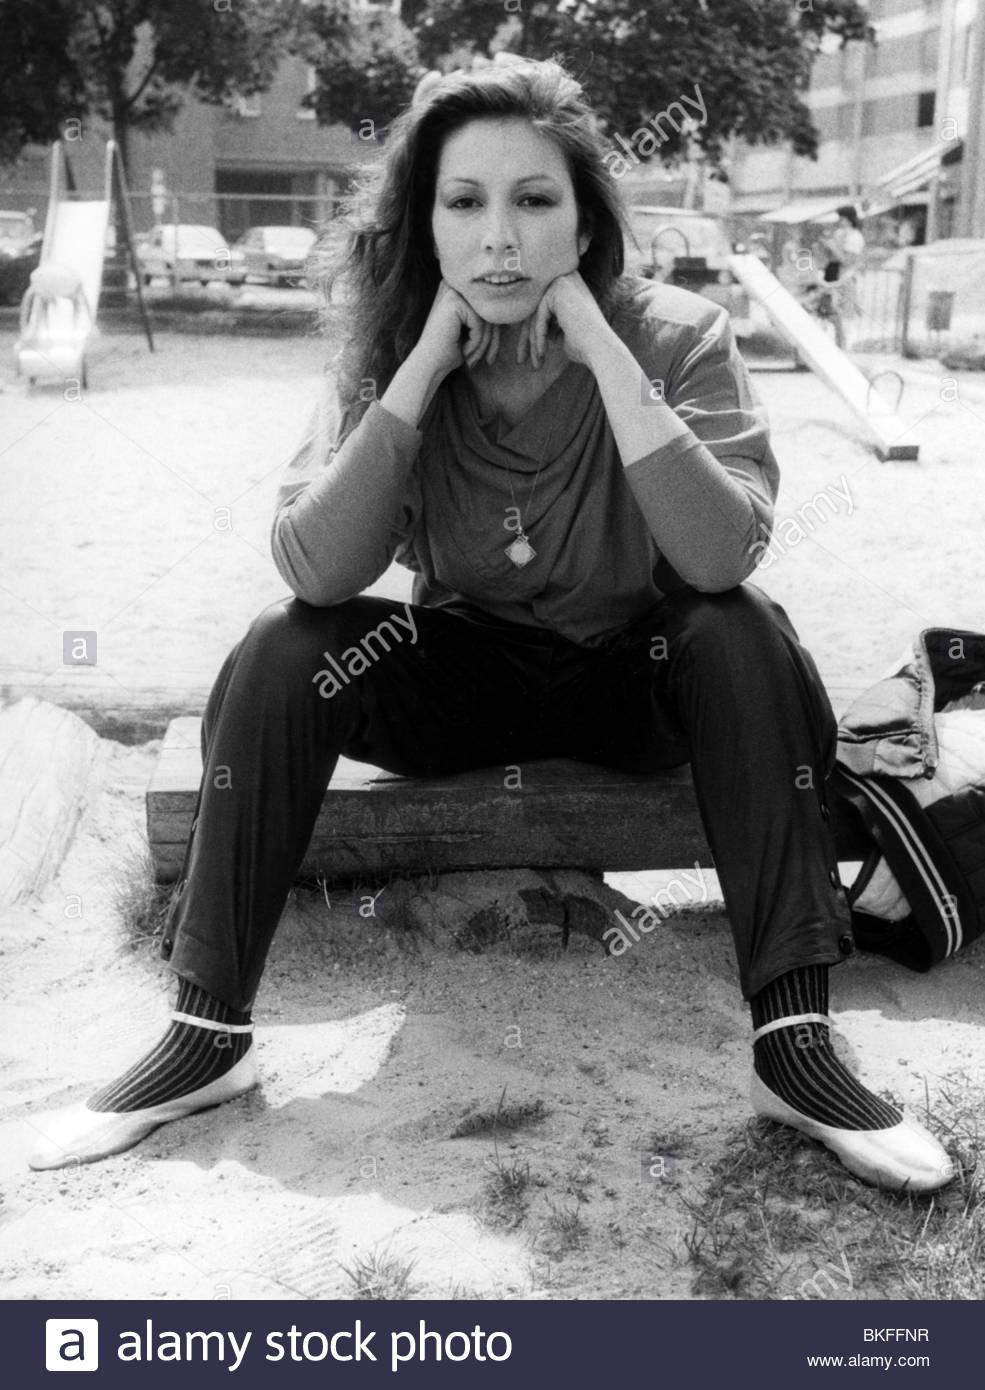 Rush, Jennifer, * 28.9.1960, US American singer, full length, sitting, in a children's playground, August 1984, - Stock Image